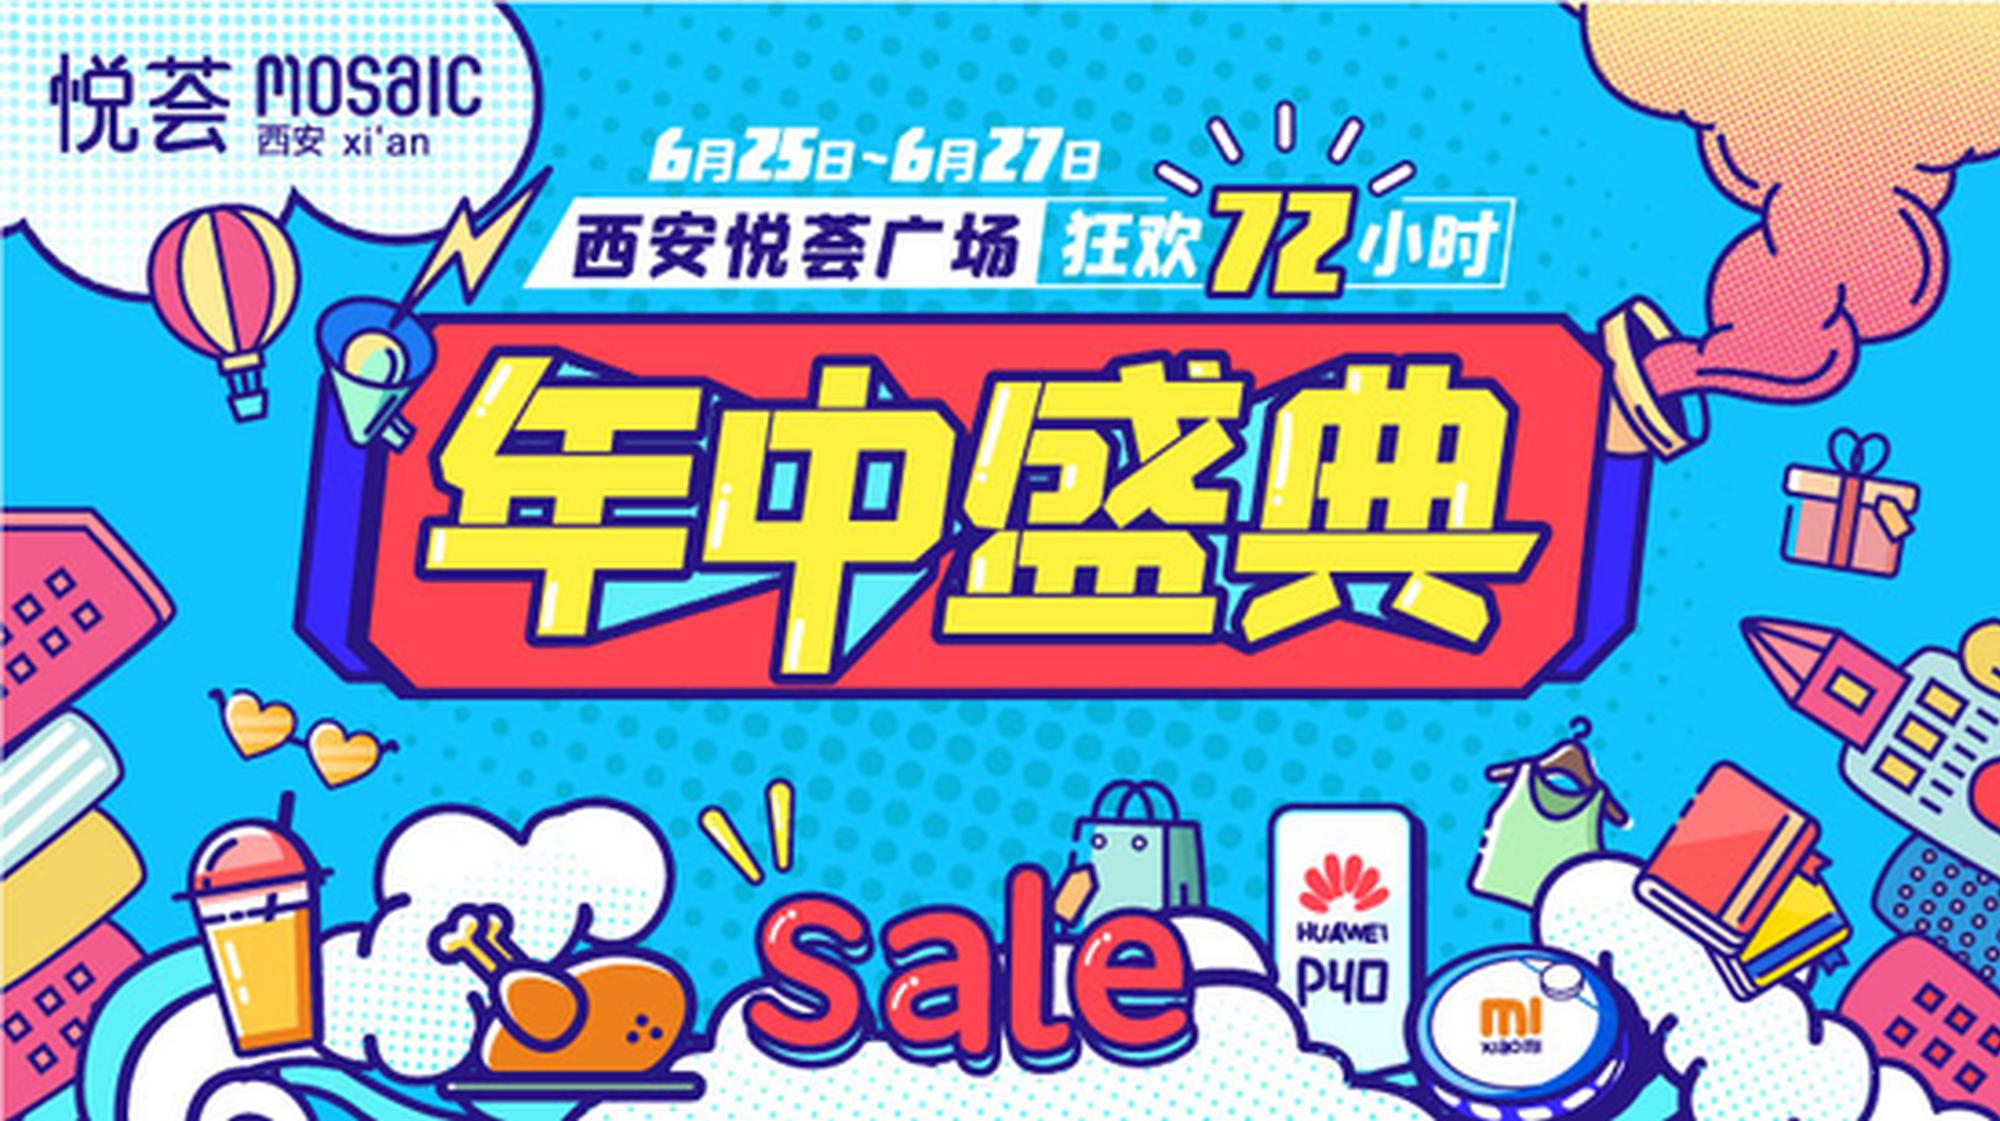 6.25-6.27西安悦荟广场狂欢72小时年中盛典!